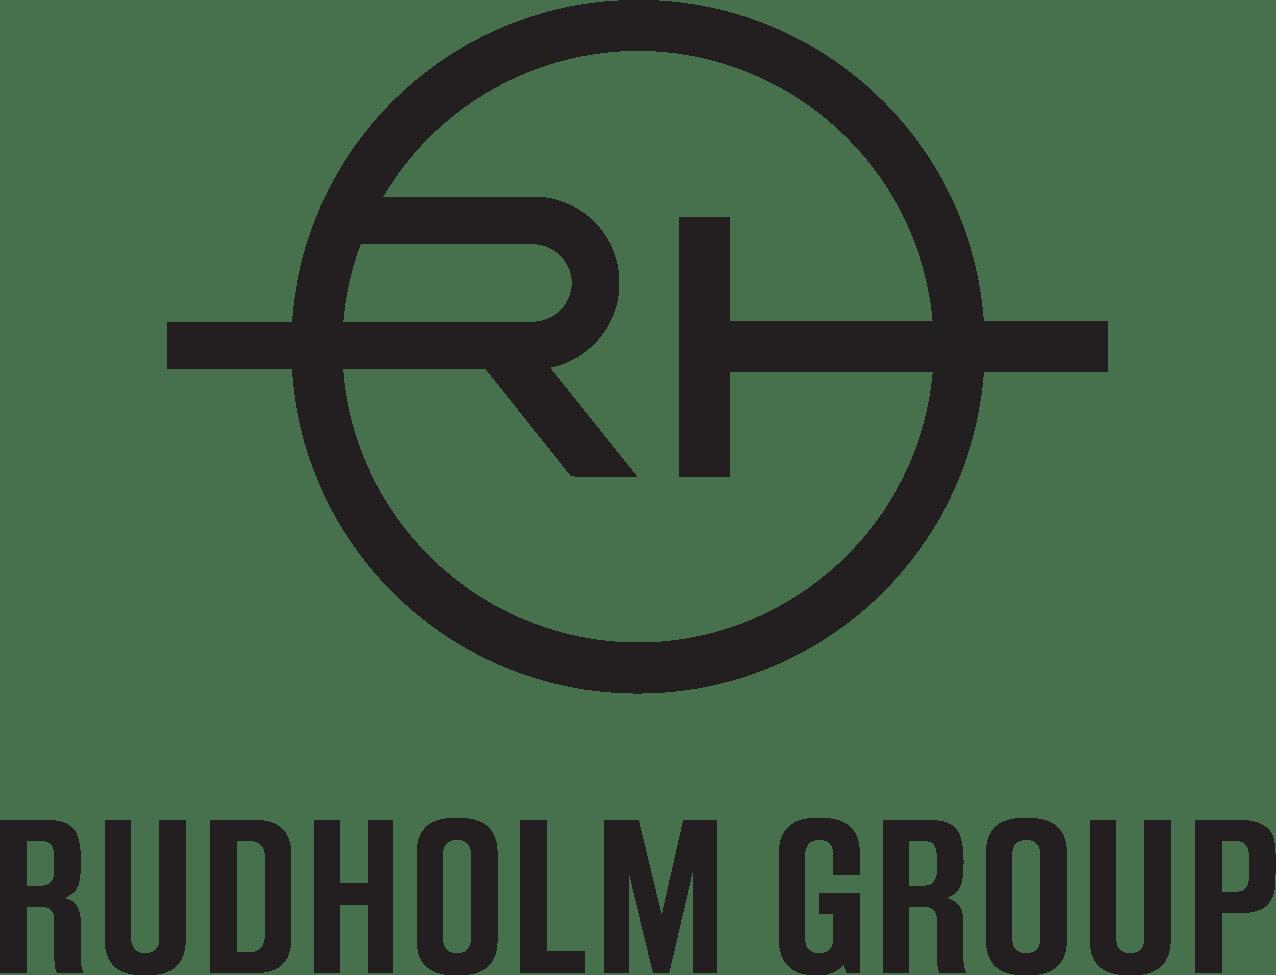 Rudhom group